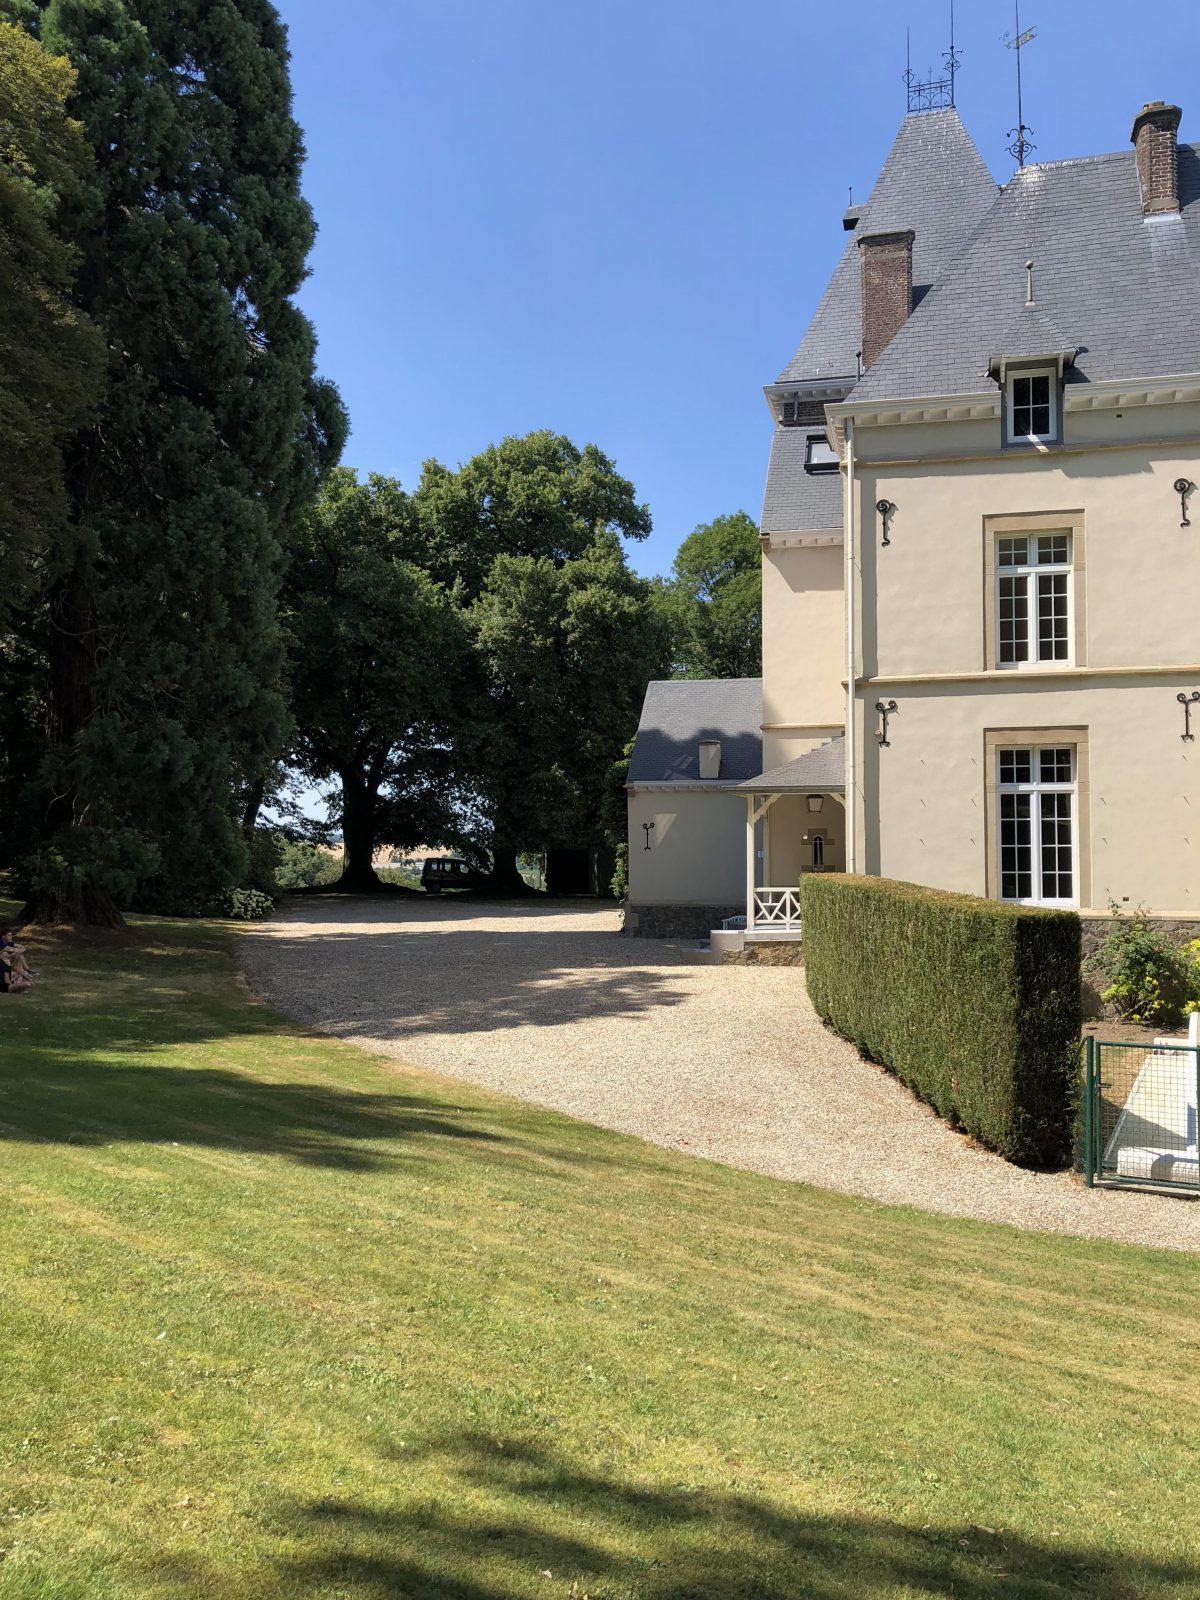 Situé à Bassenge, Le château Saint-Laurent propose des services pour vos événements: Tables et chaises, Vaisselles, Parking, Parc et Traiteur